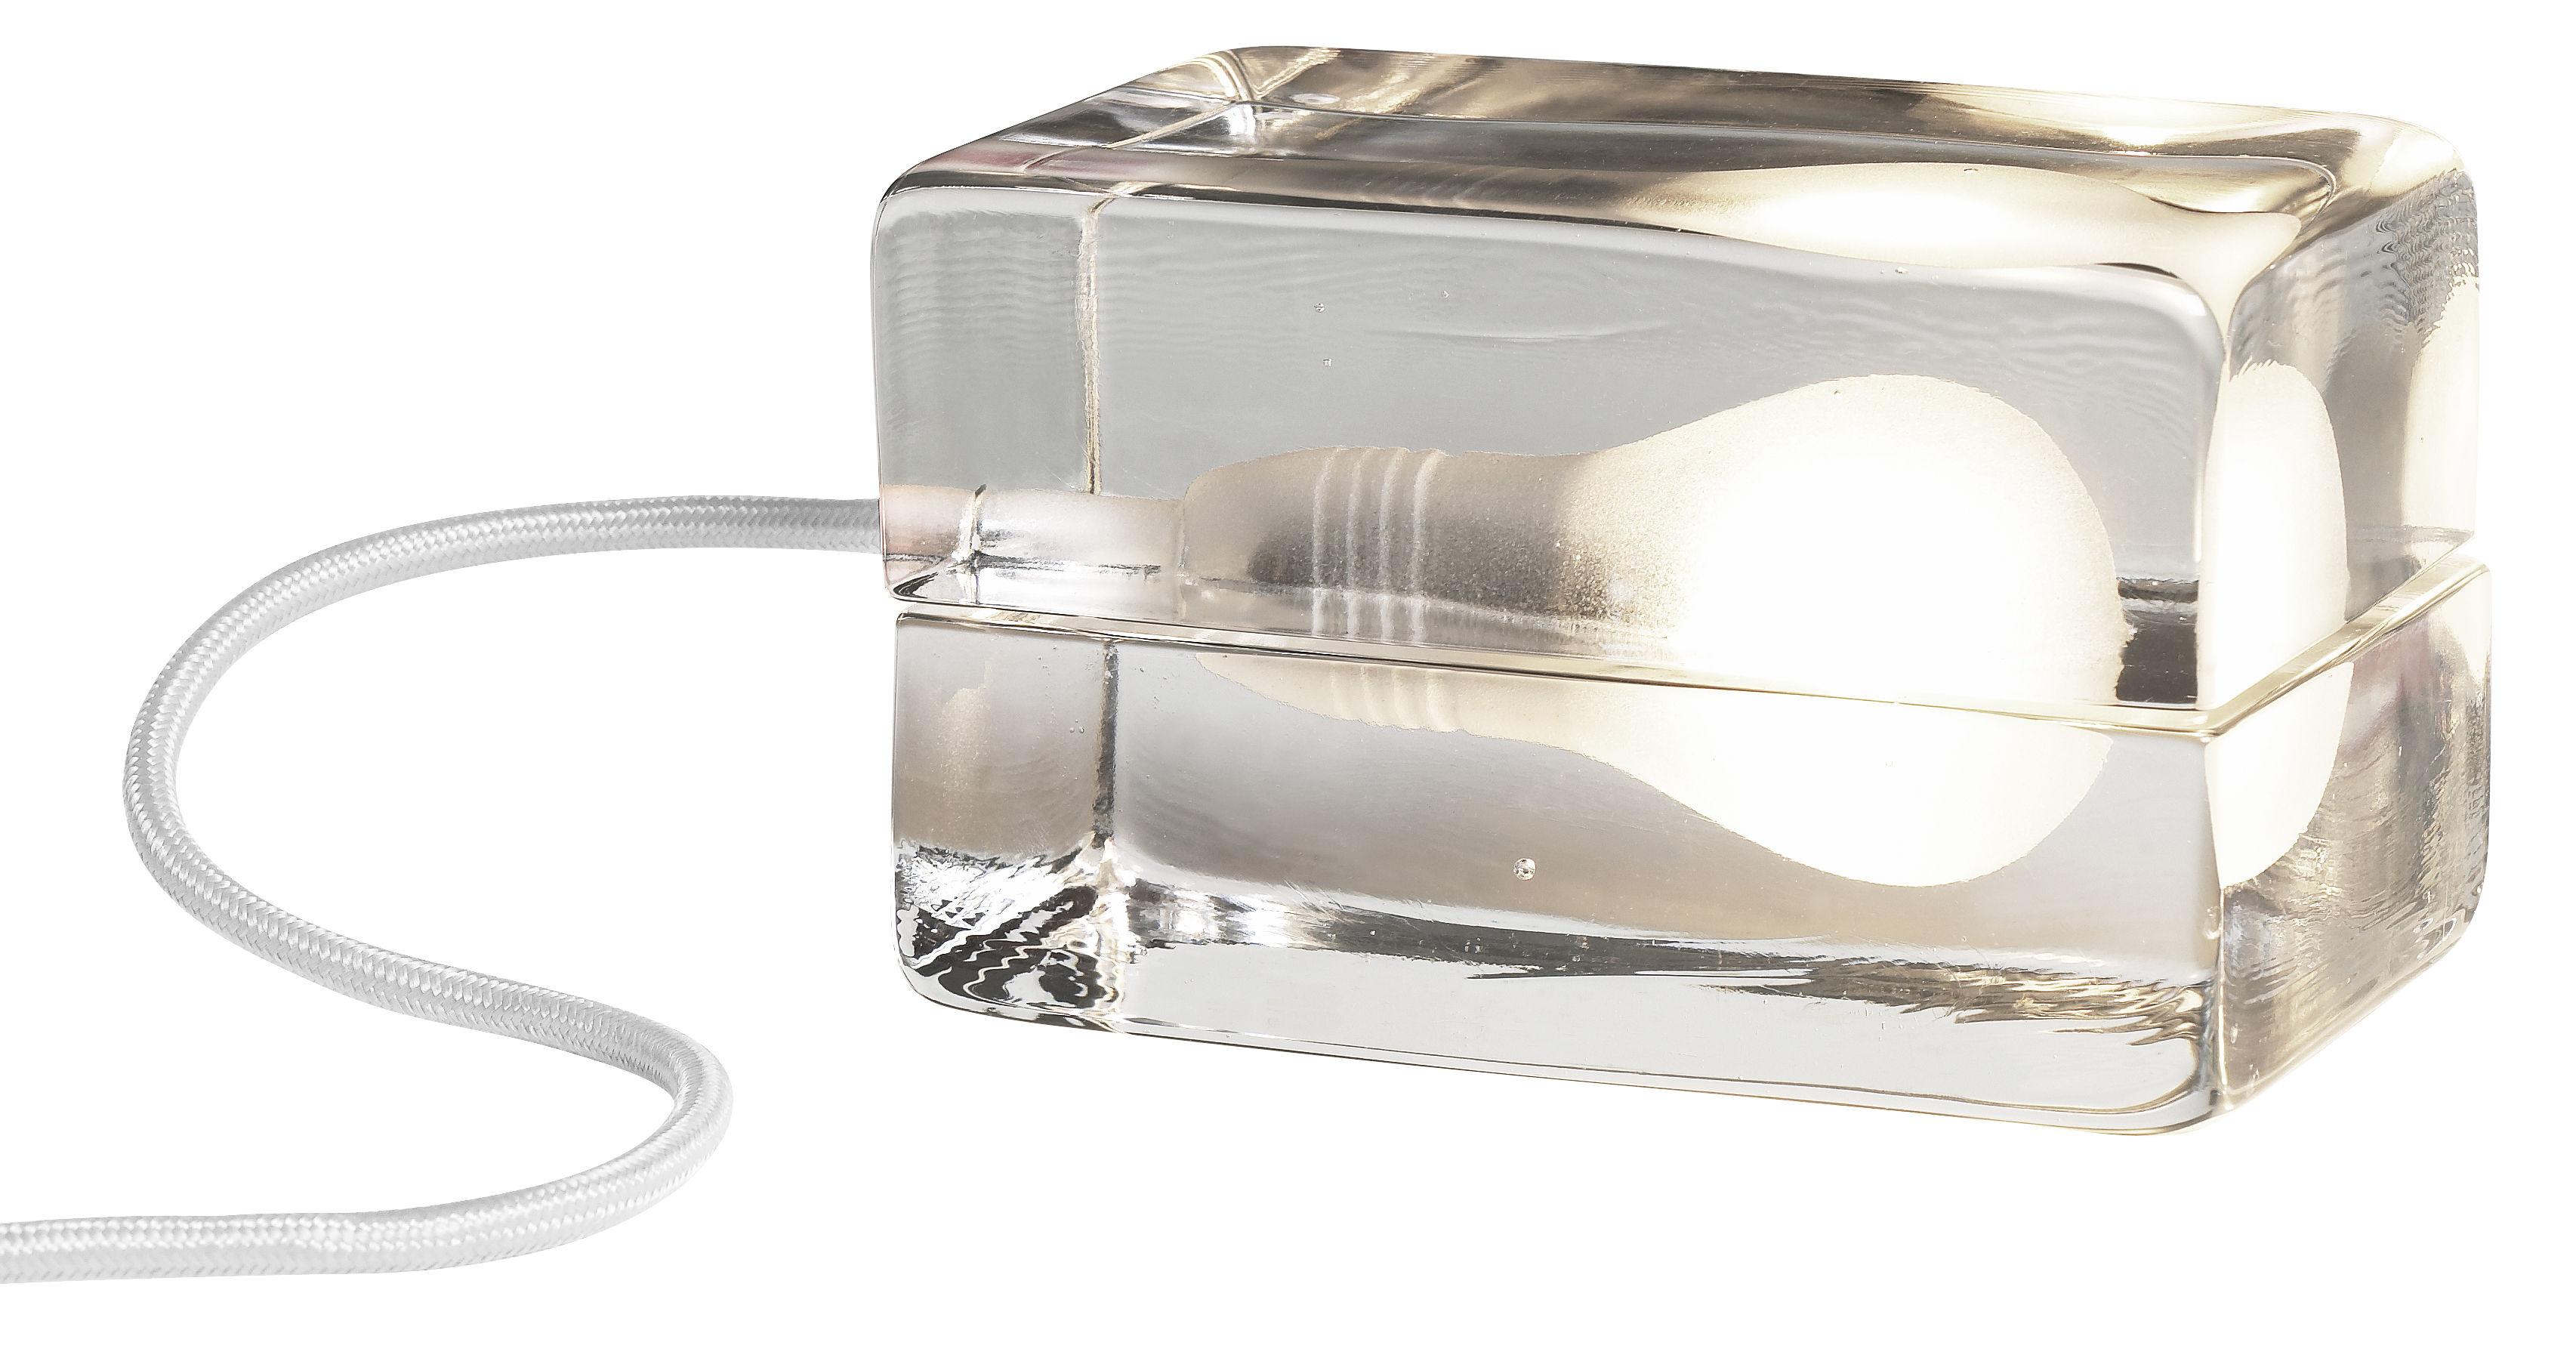 Leuchten - Tischleuchten - Block Lamp Tischleuchte - Design House Stockholm - Transparent - Kabel weiß - Glas